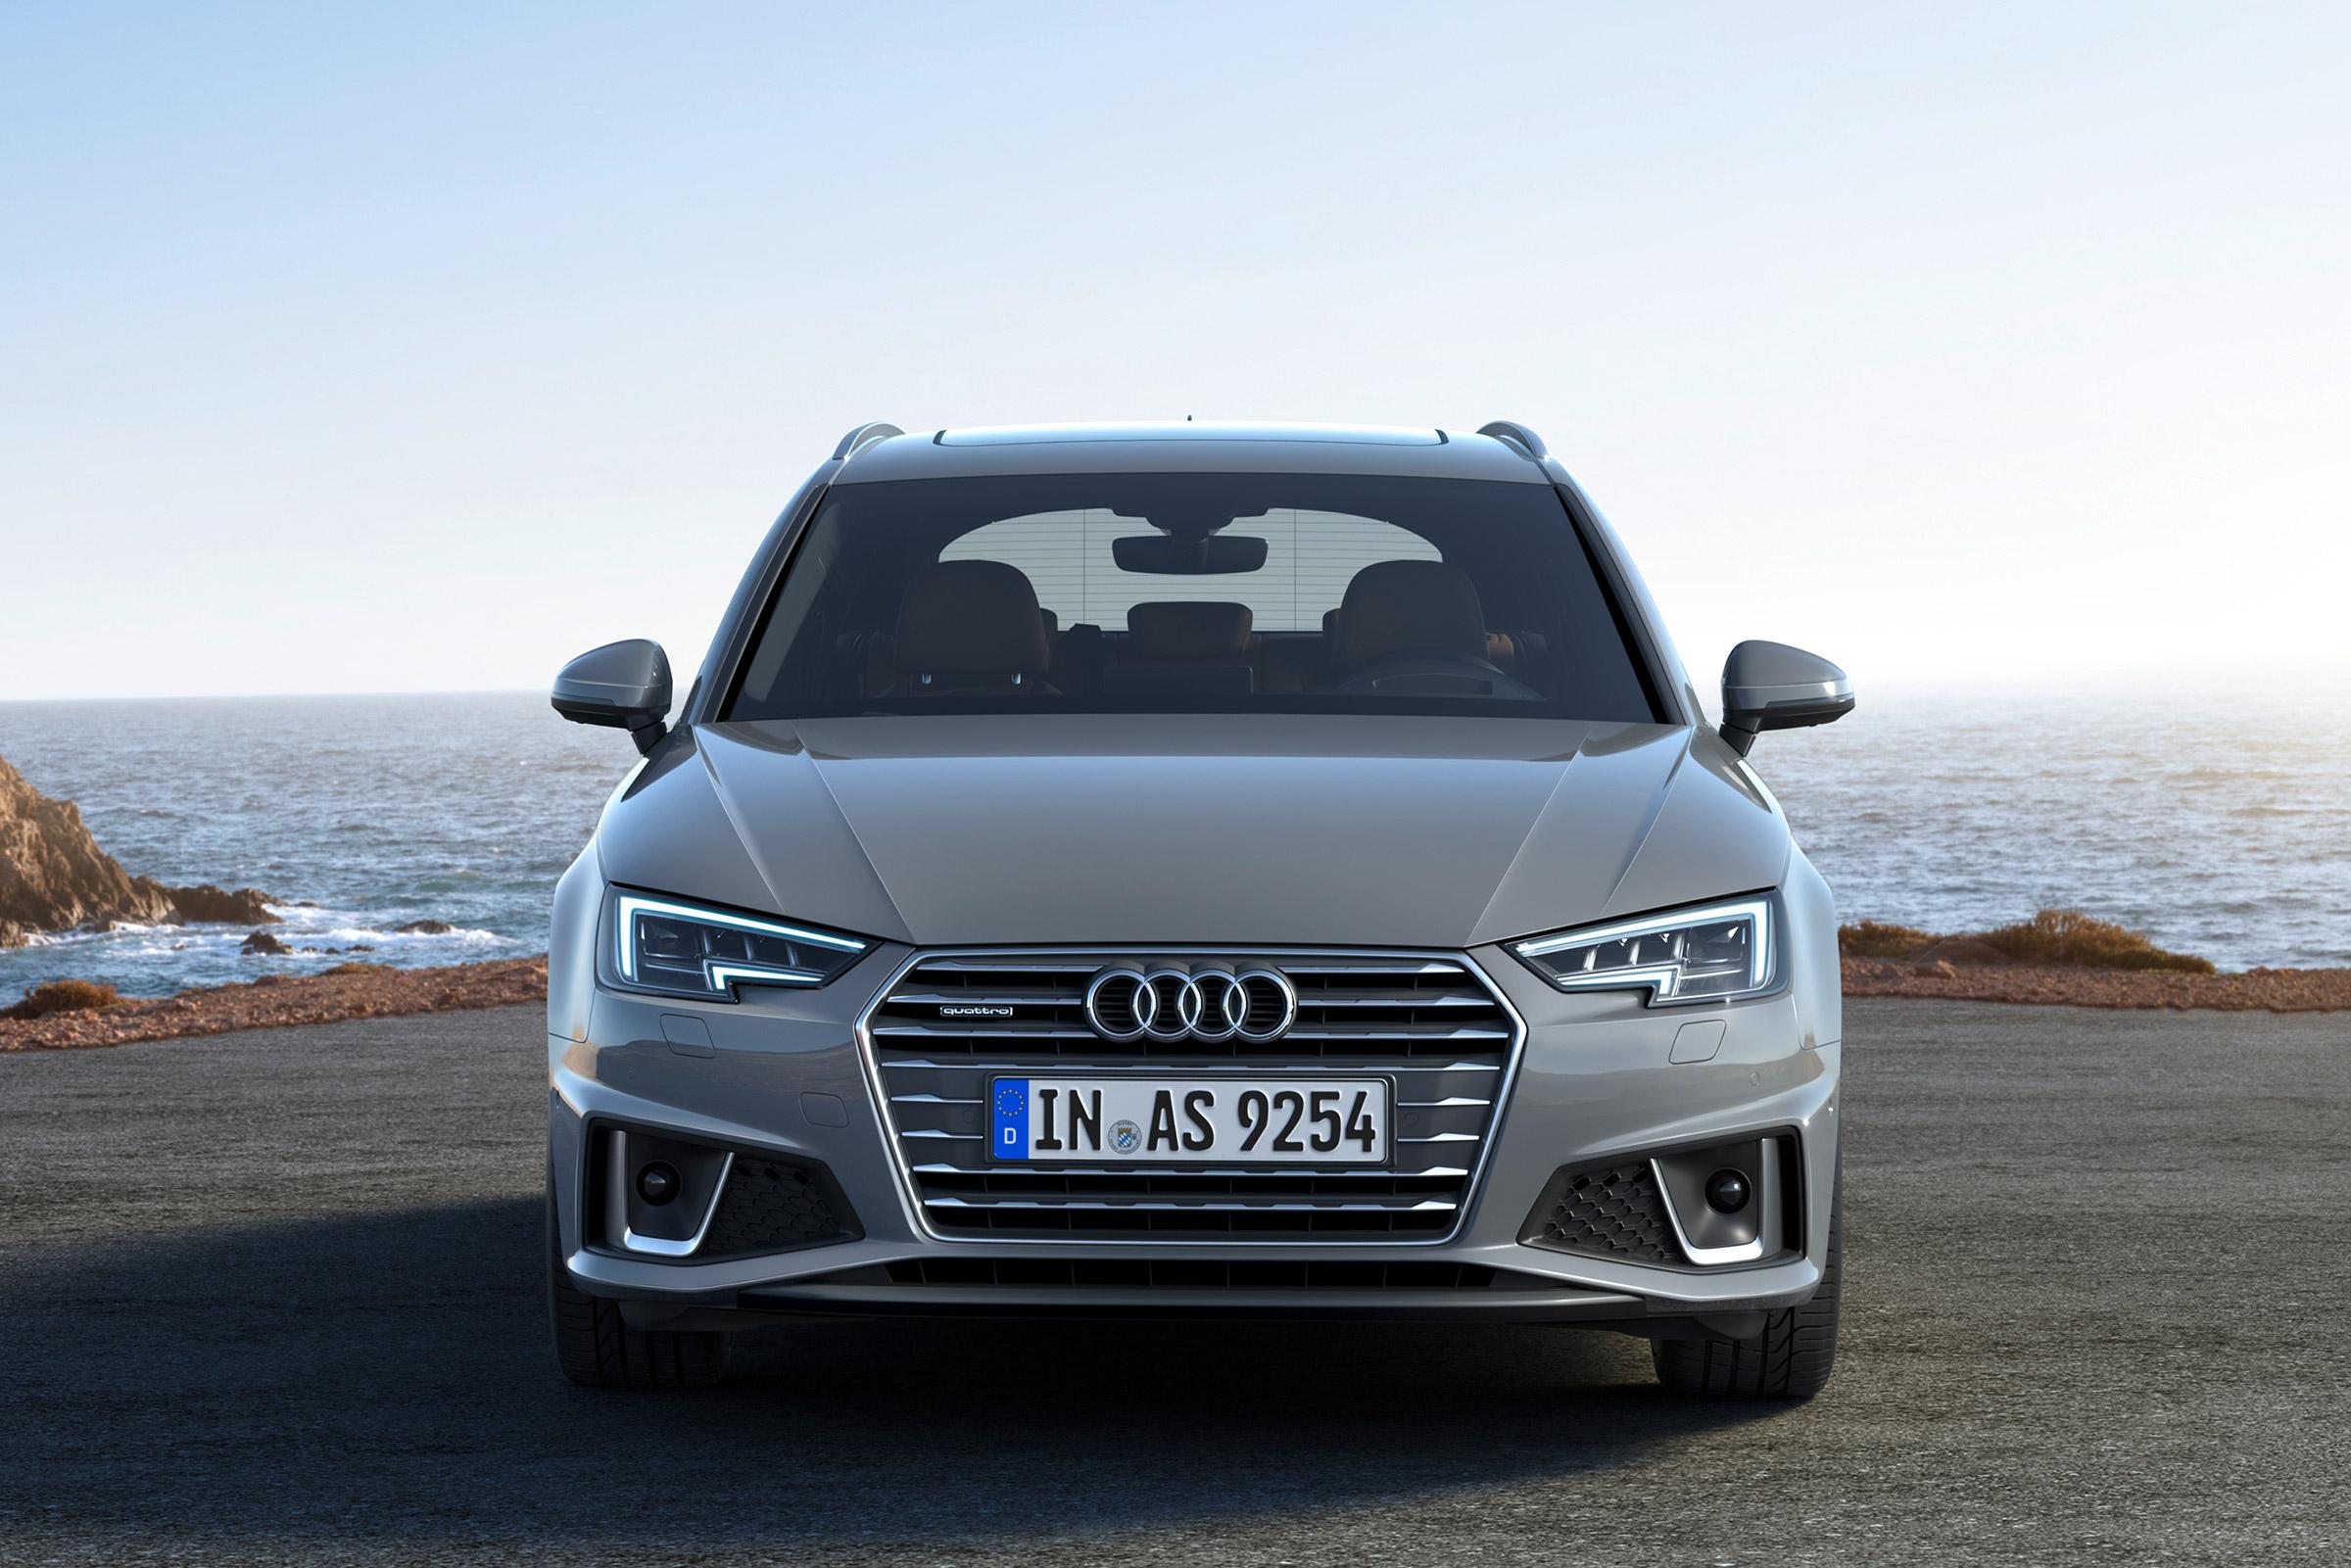 Kelebihan Audi A4 Avant 2018 Review